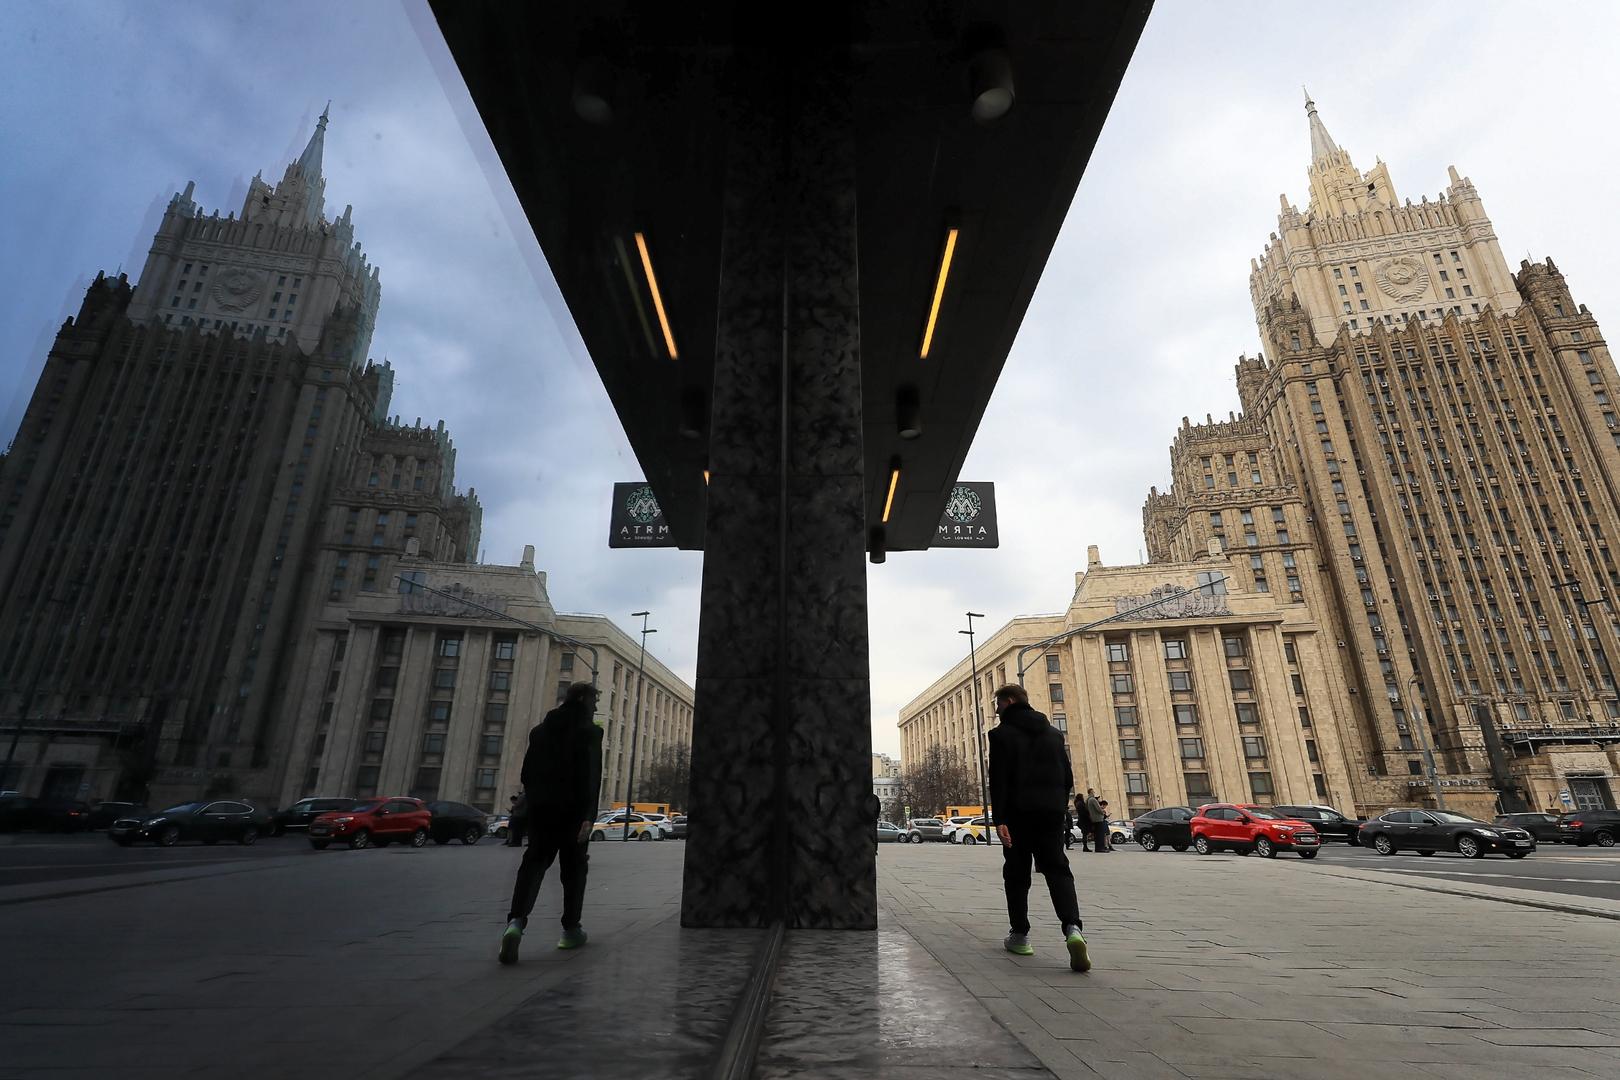 روسيا تعلن 5 دبلوماسيين بولنديين شخصيات غير مرغوب فيها